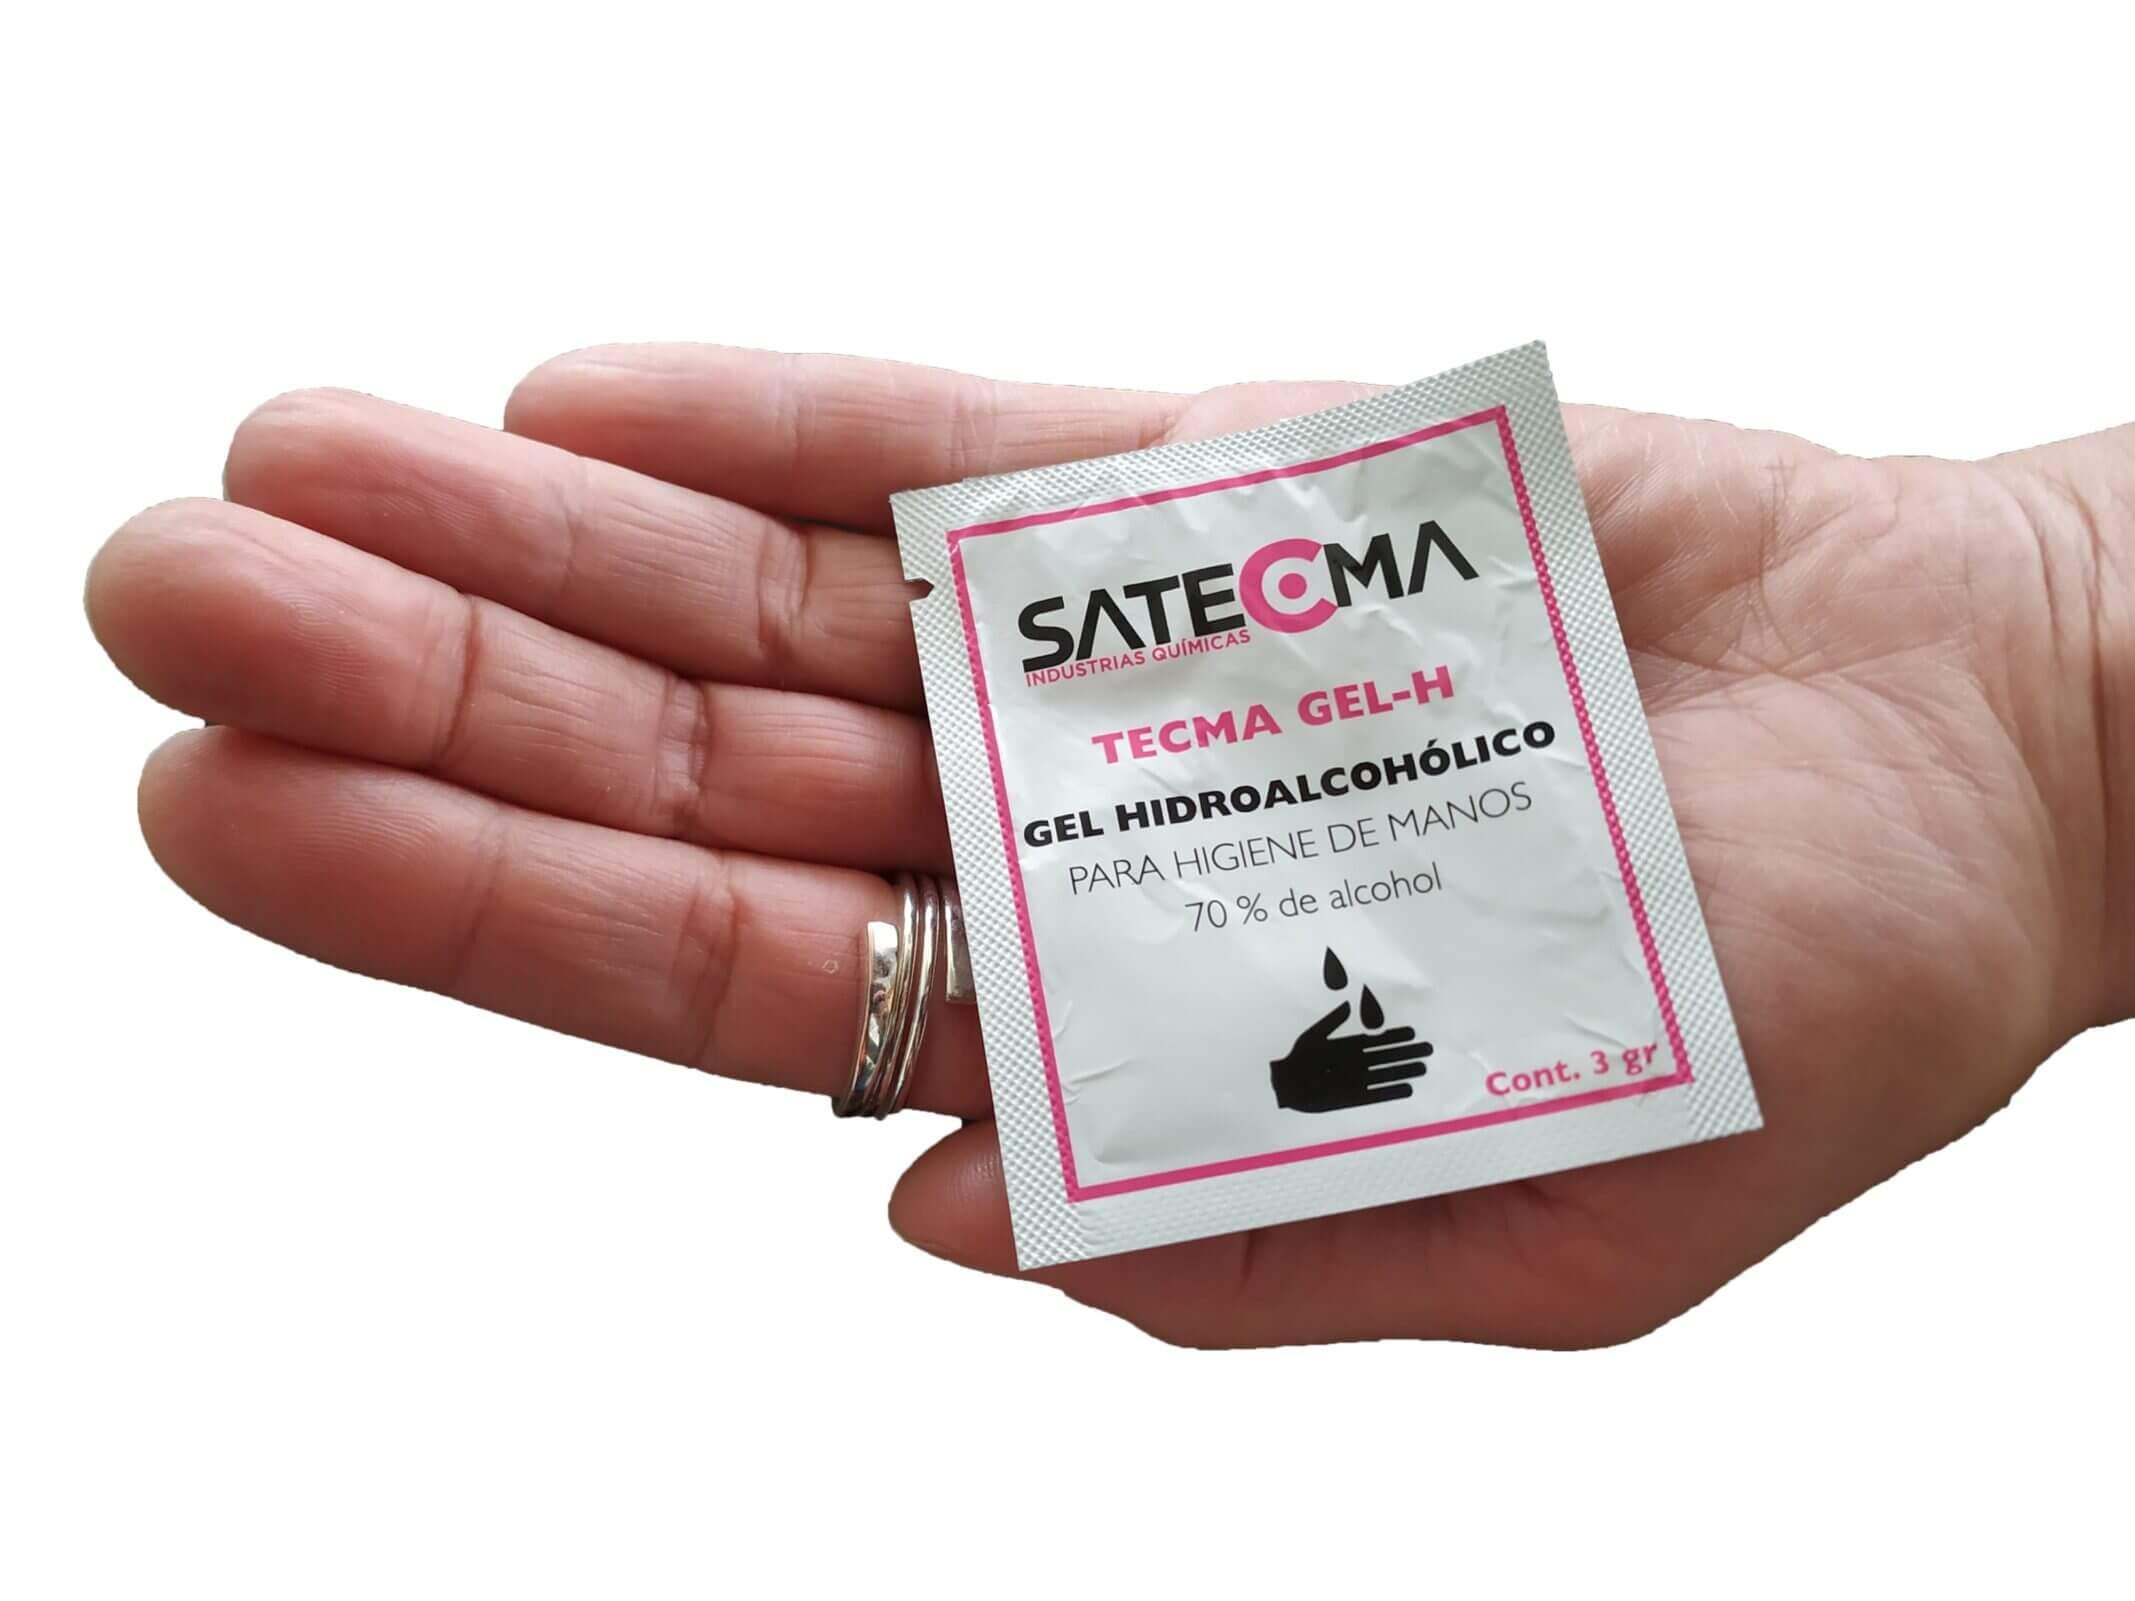 mano con sobre monodosis gel hidroalcoholico tecma gel h